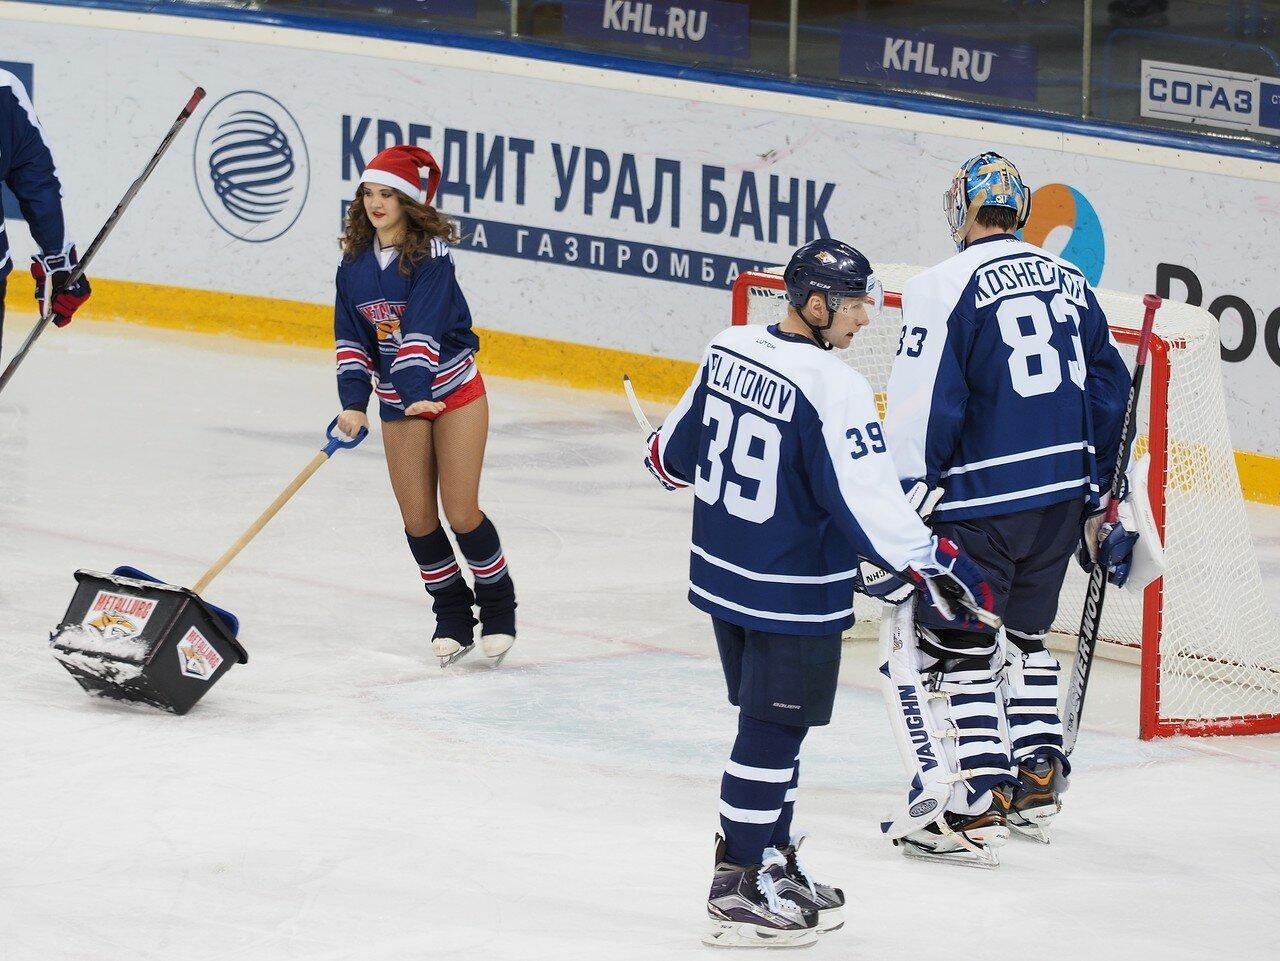 62Металлург - Cпартак 26.12.2015